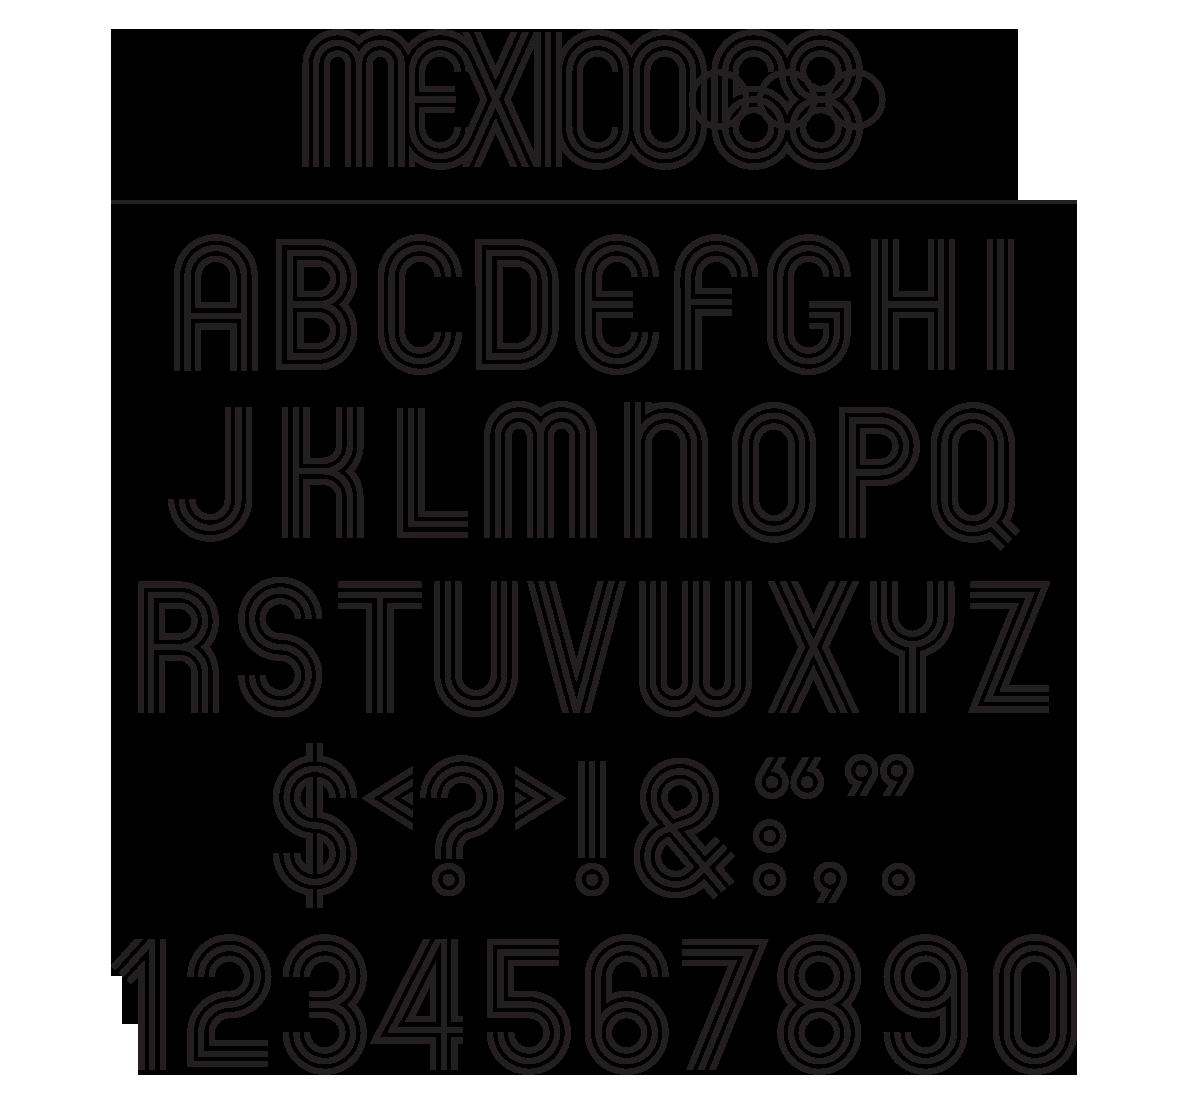 Wyman_Olympic_typeface